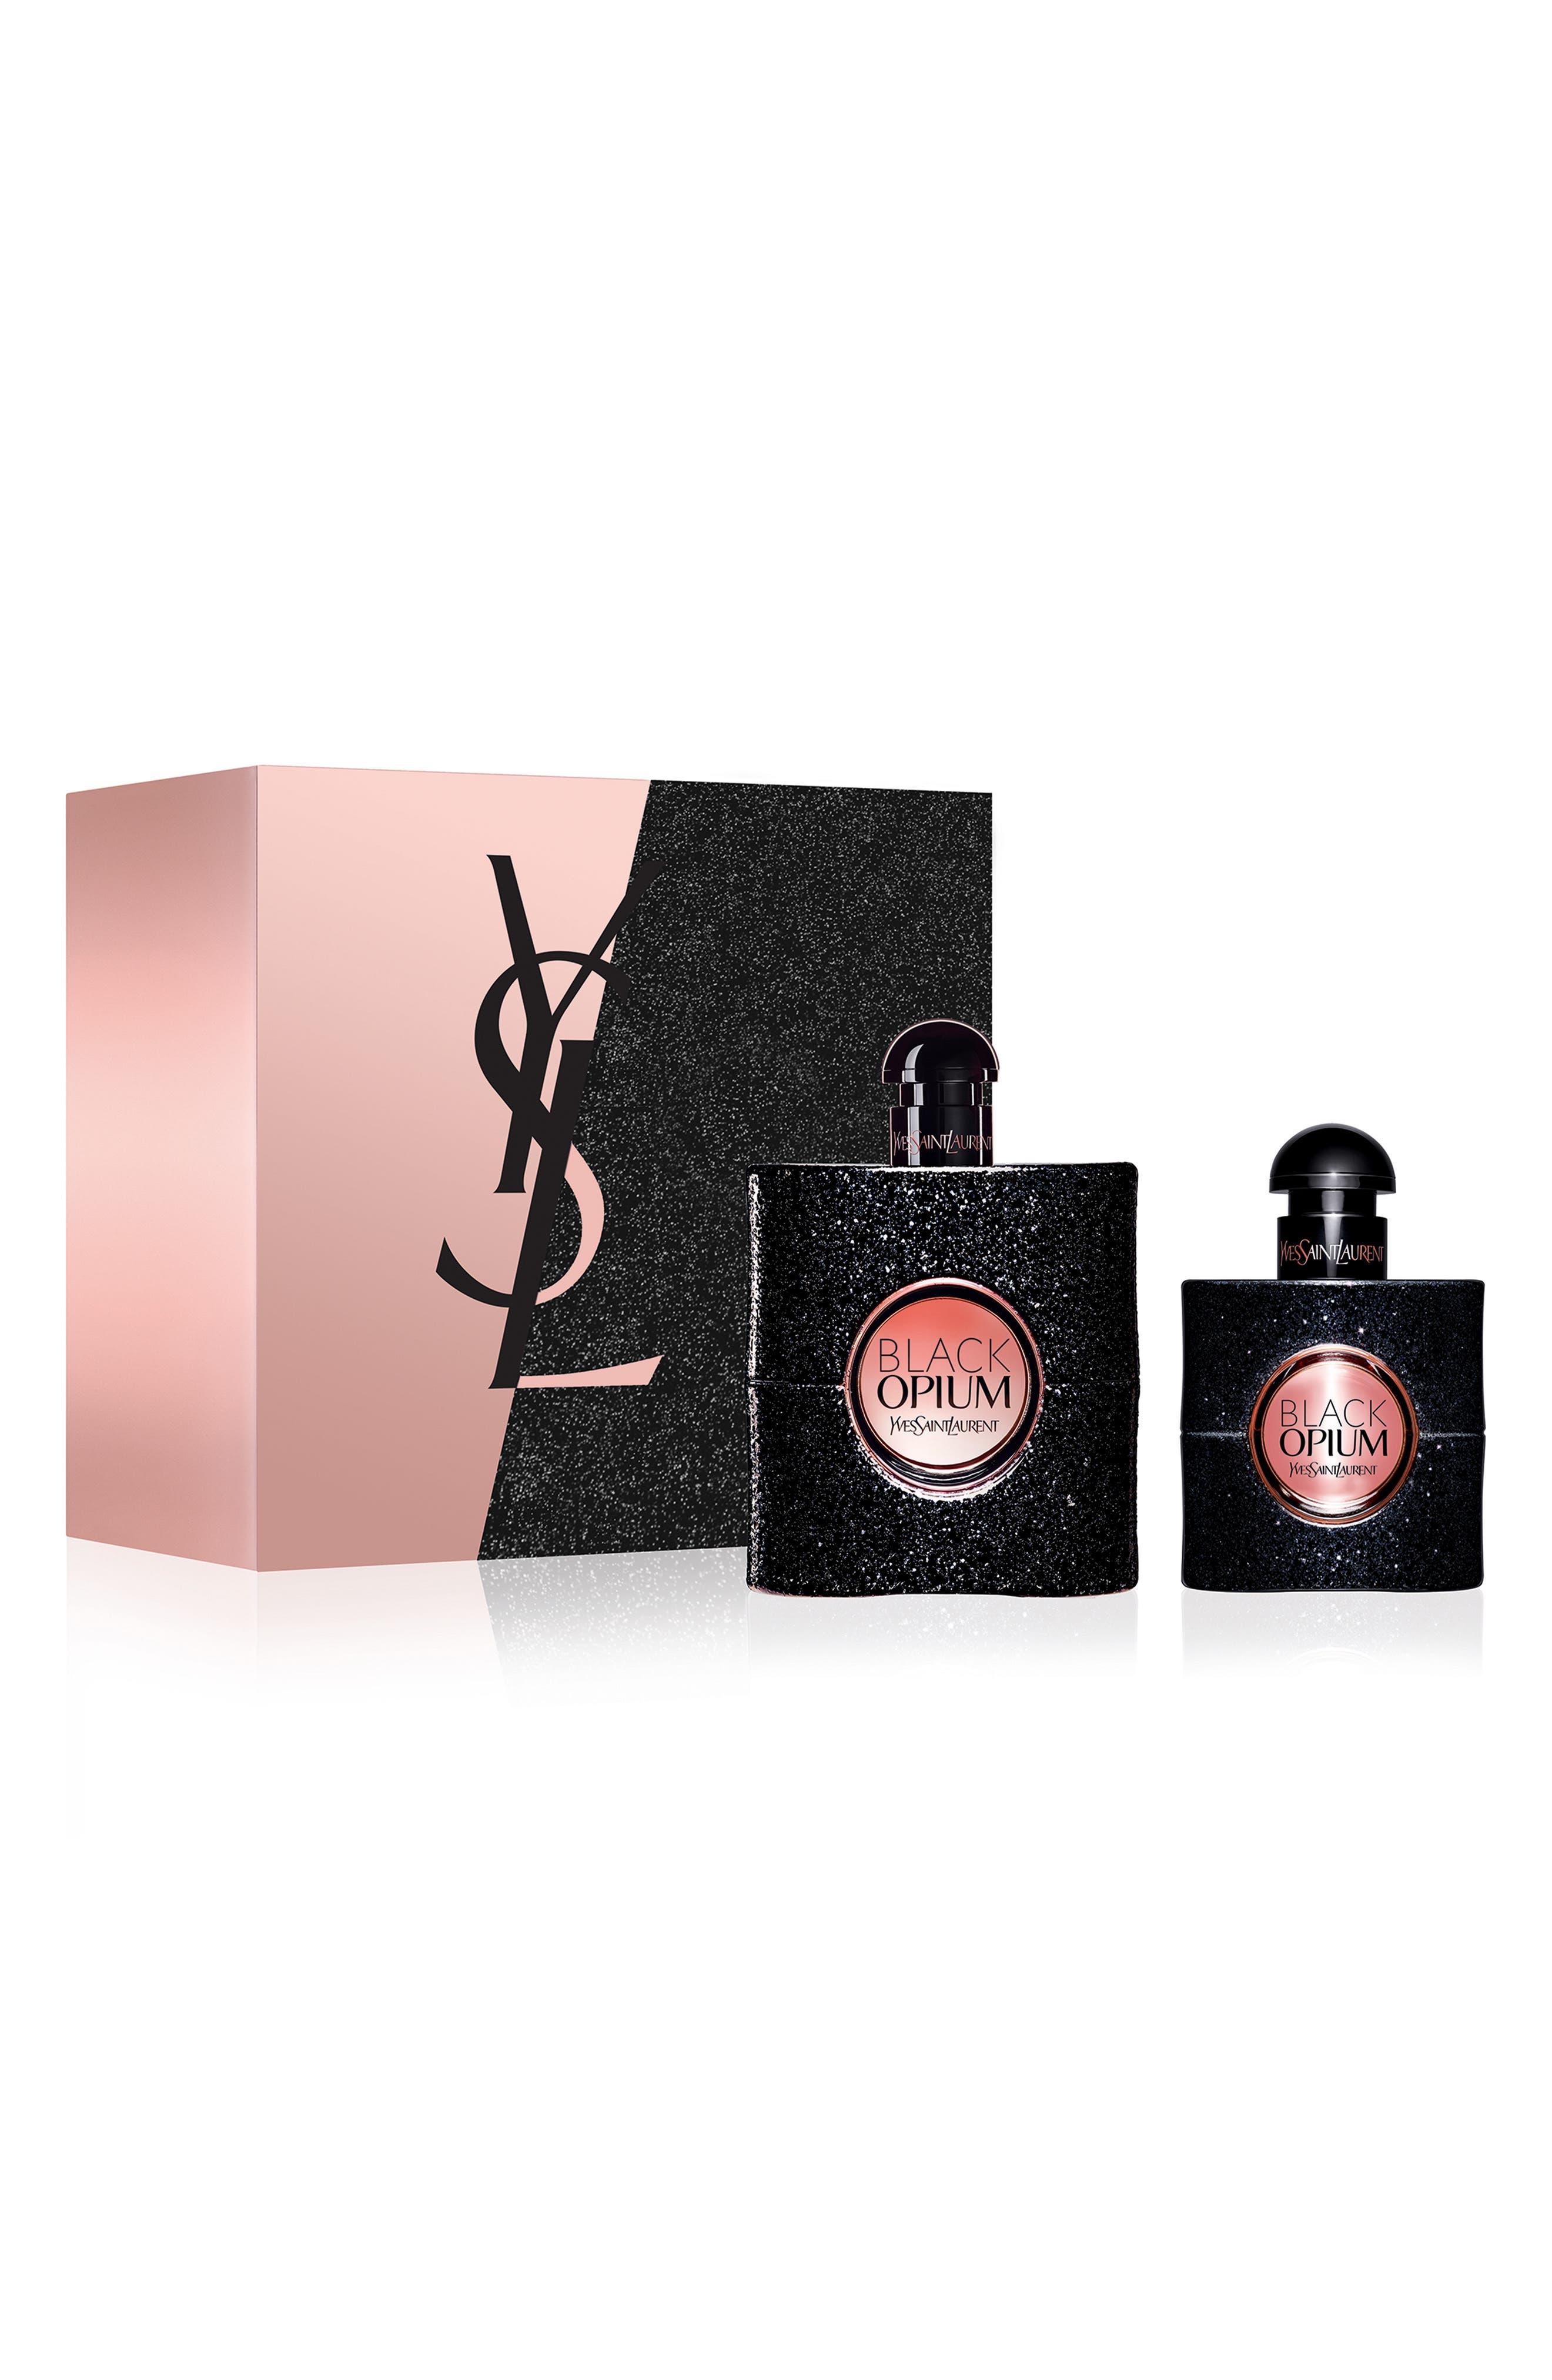 Black Opium Eau de Parfum Set,                         Main,                         color, No Color